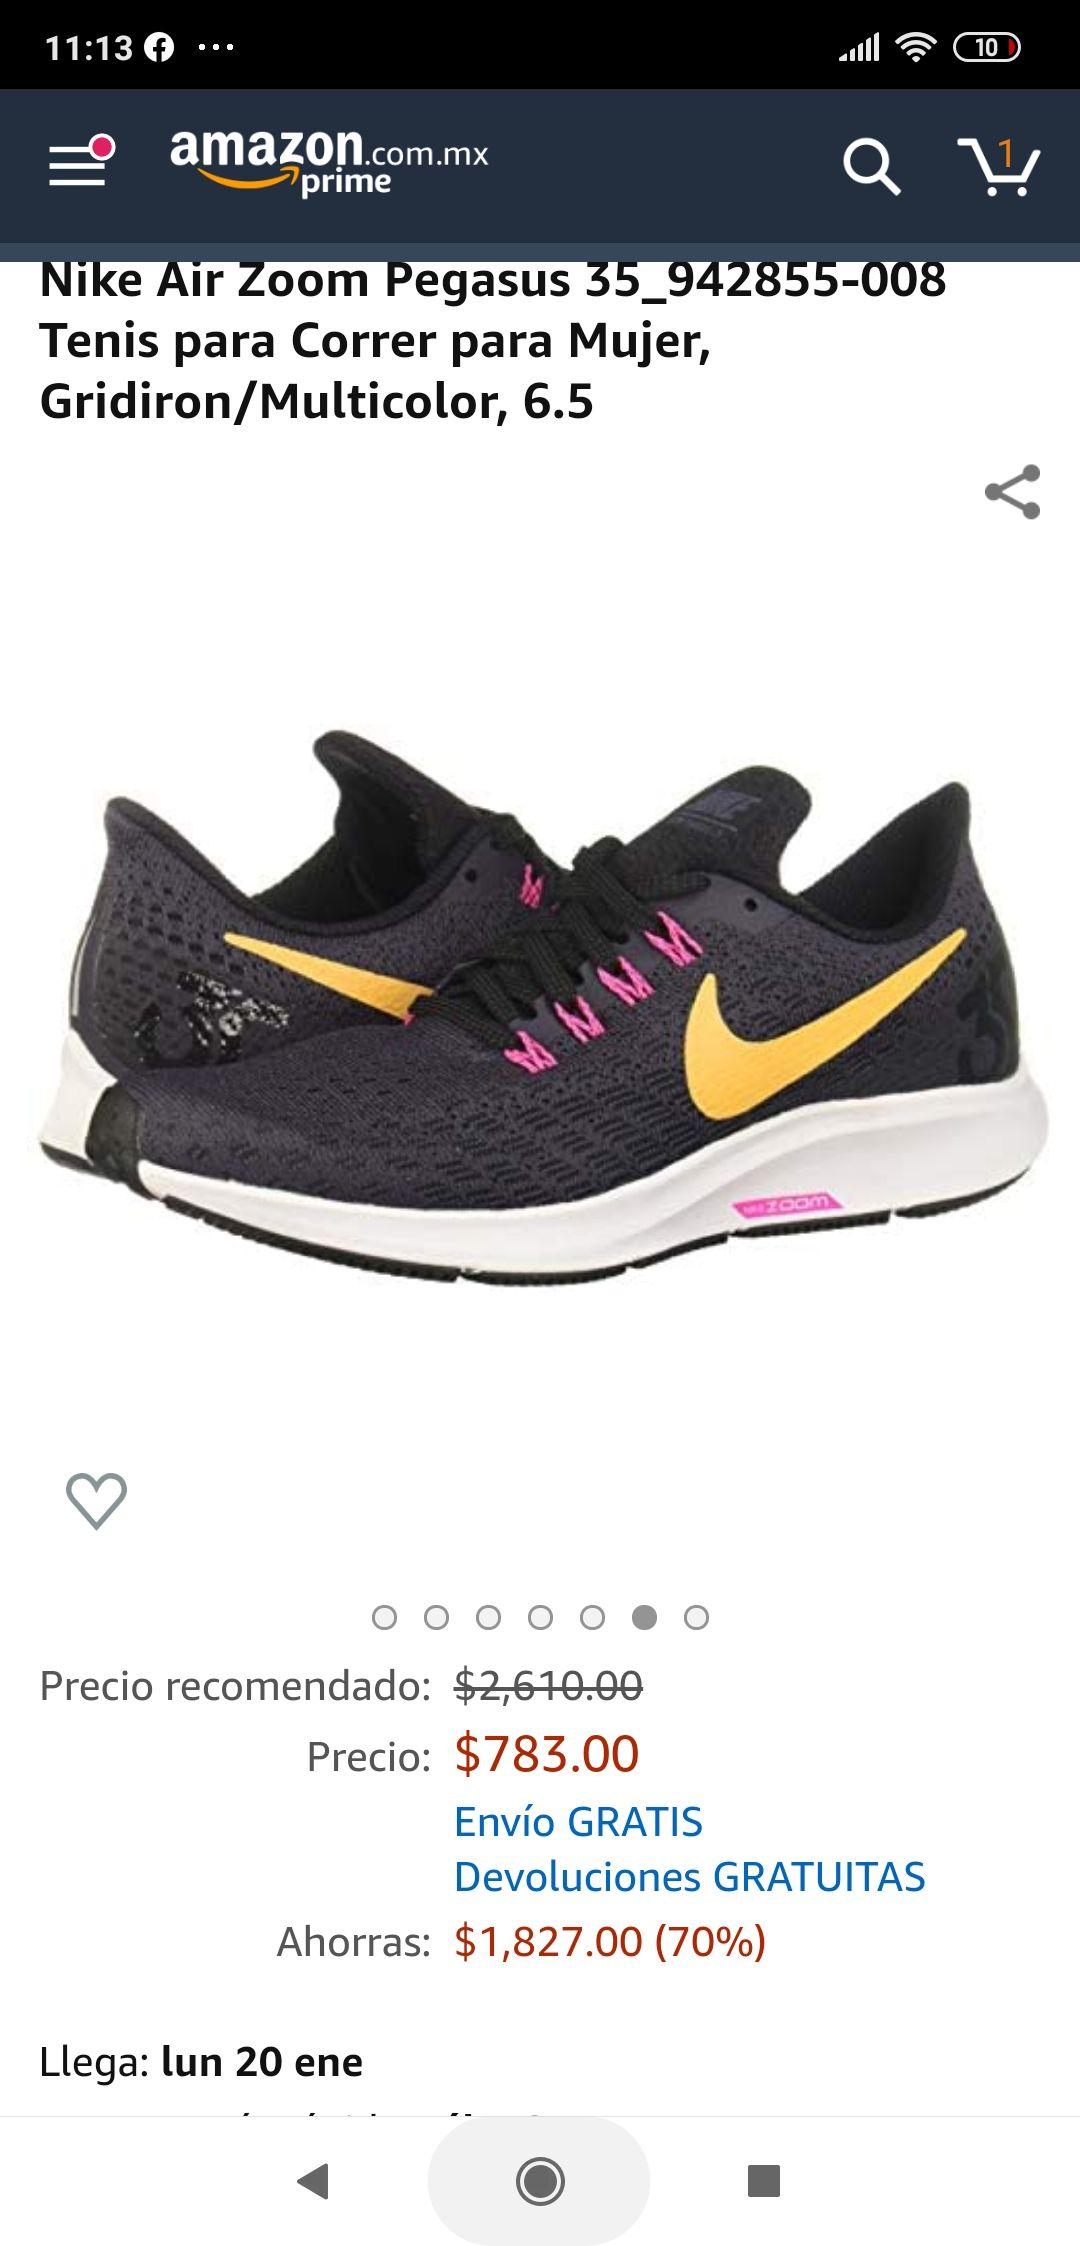 Amazon: Tenis Nike Pegasus 6.5 US para dama